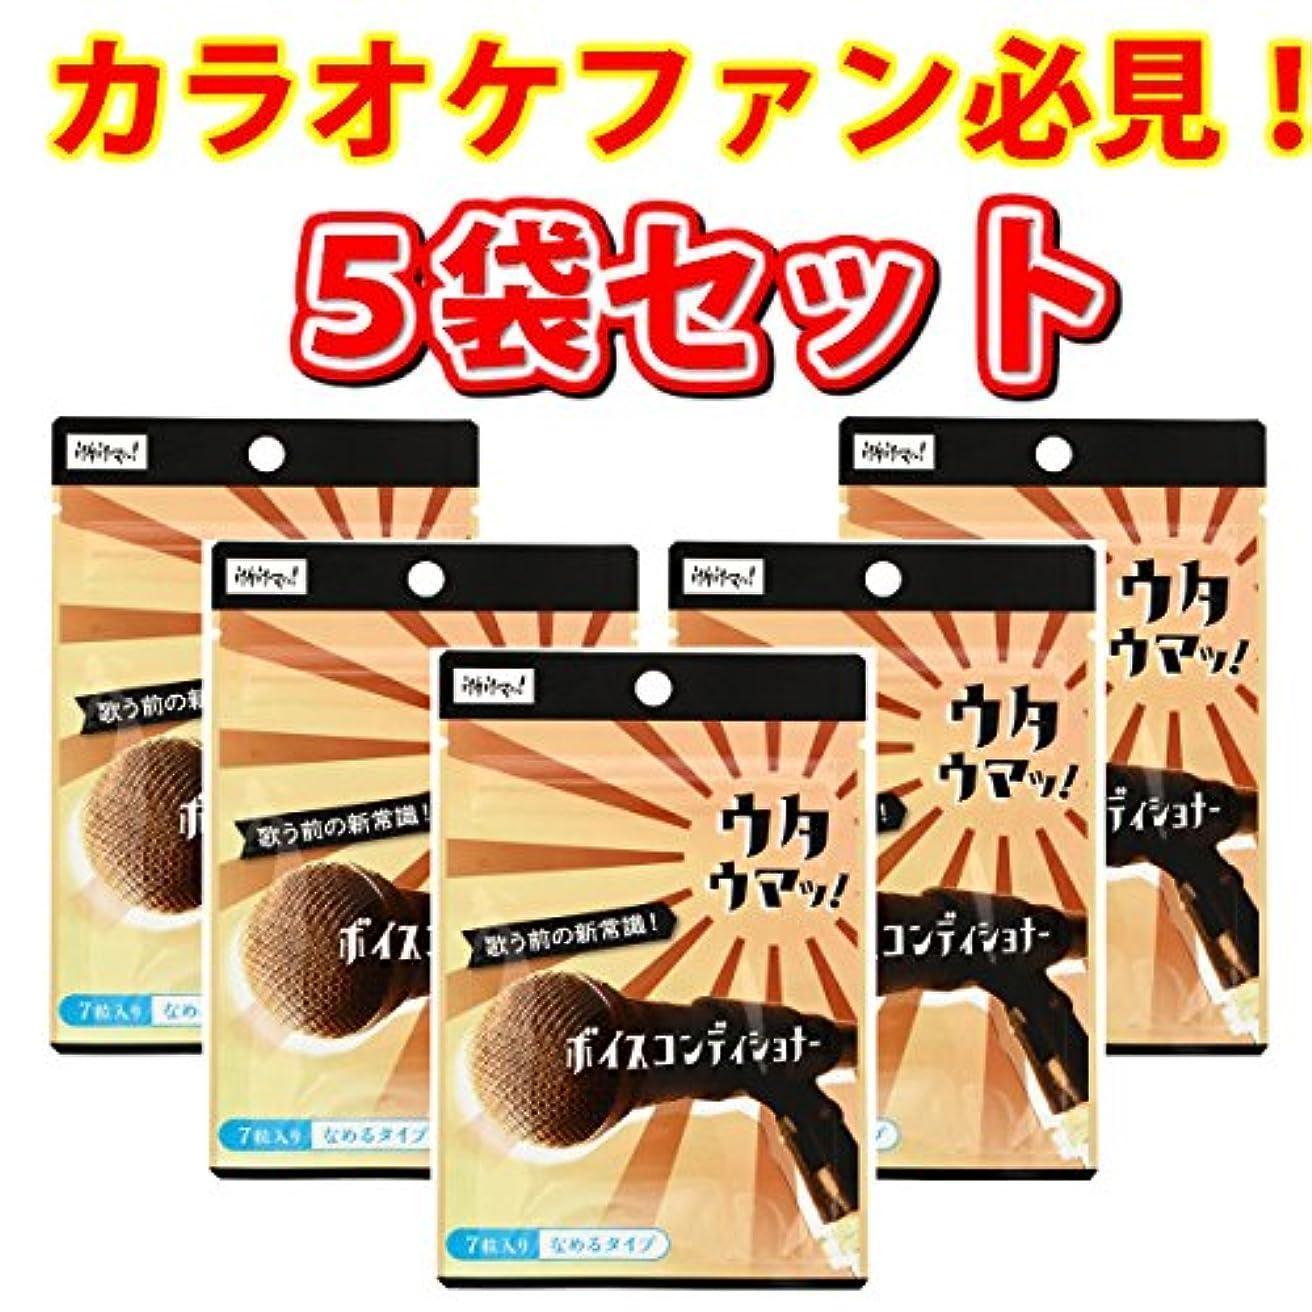 チャップ毒性取り組むカラオケサプリの決定版 《ボイスコンディショナー》 ウタウマッ!お得な5袋セット